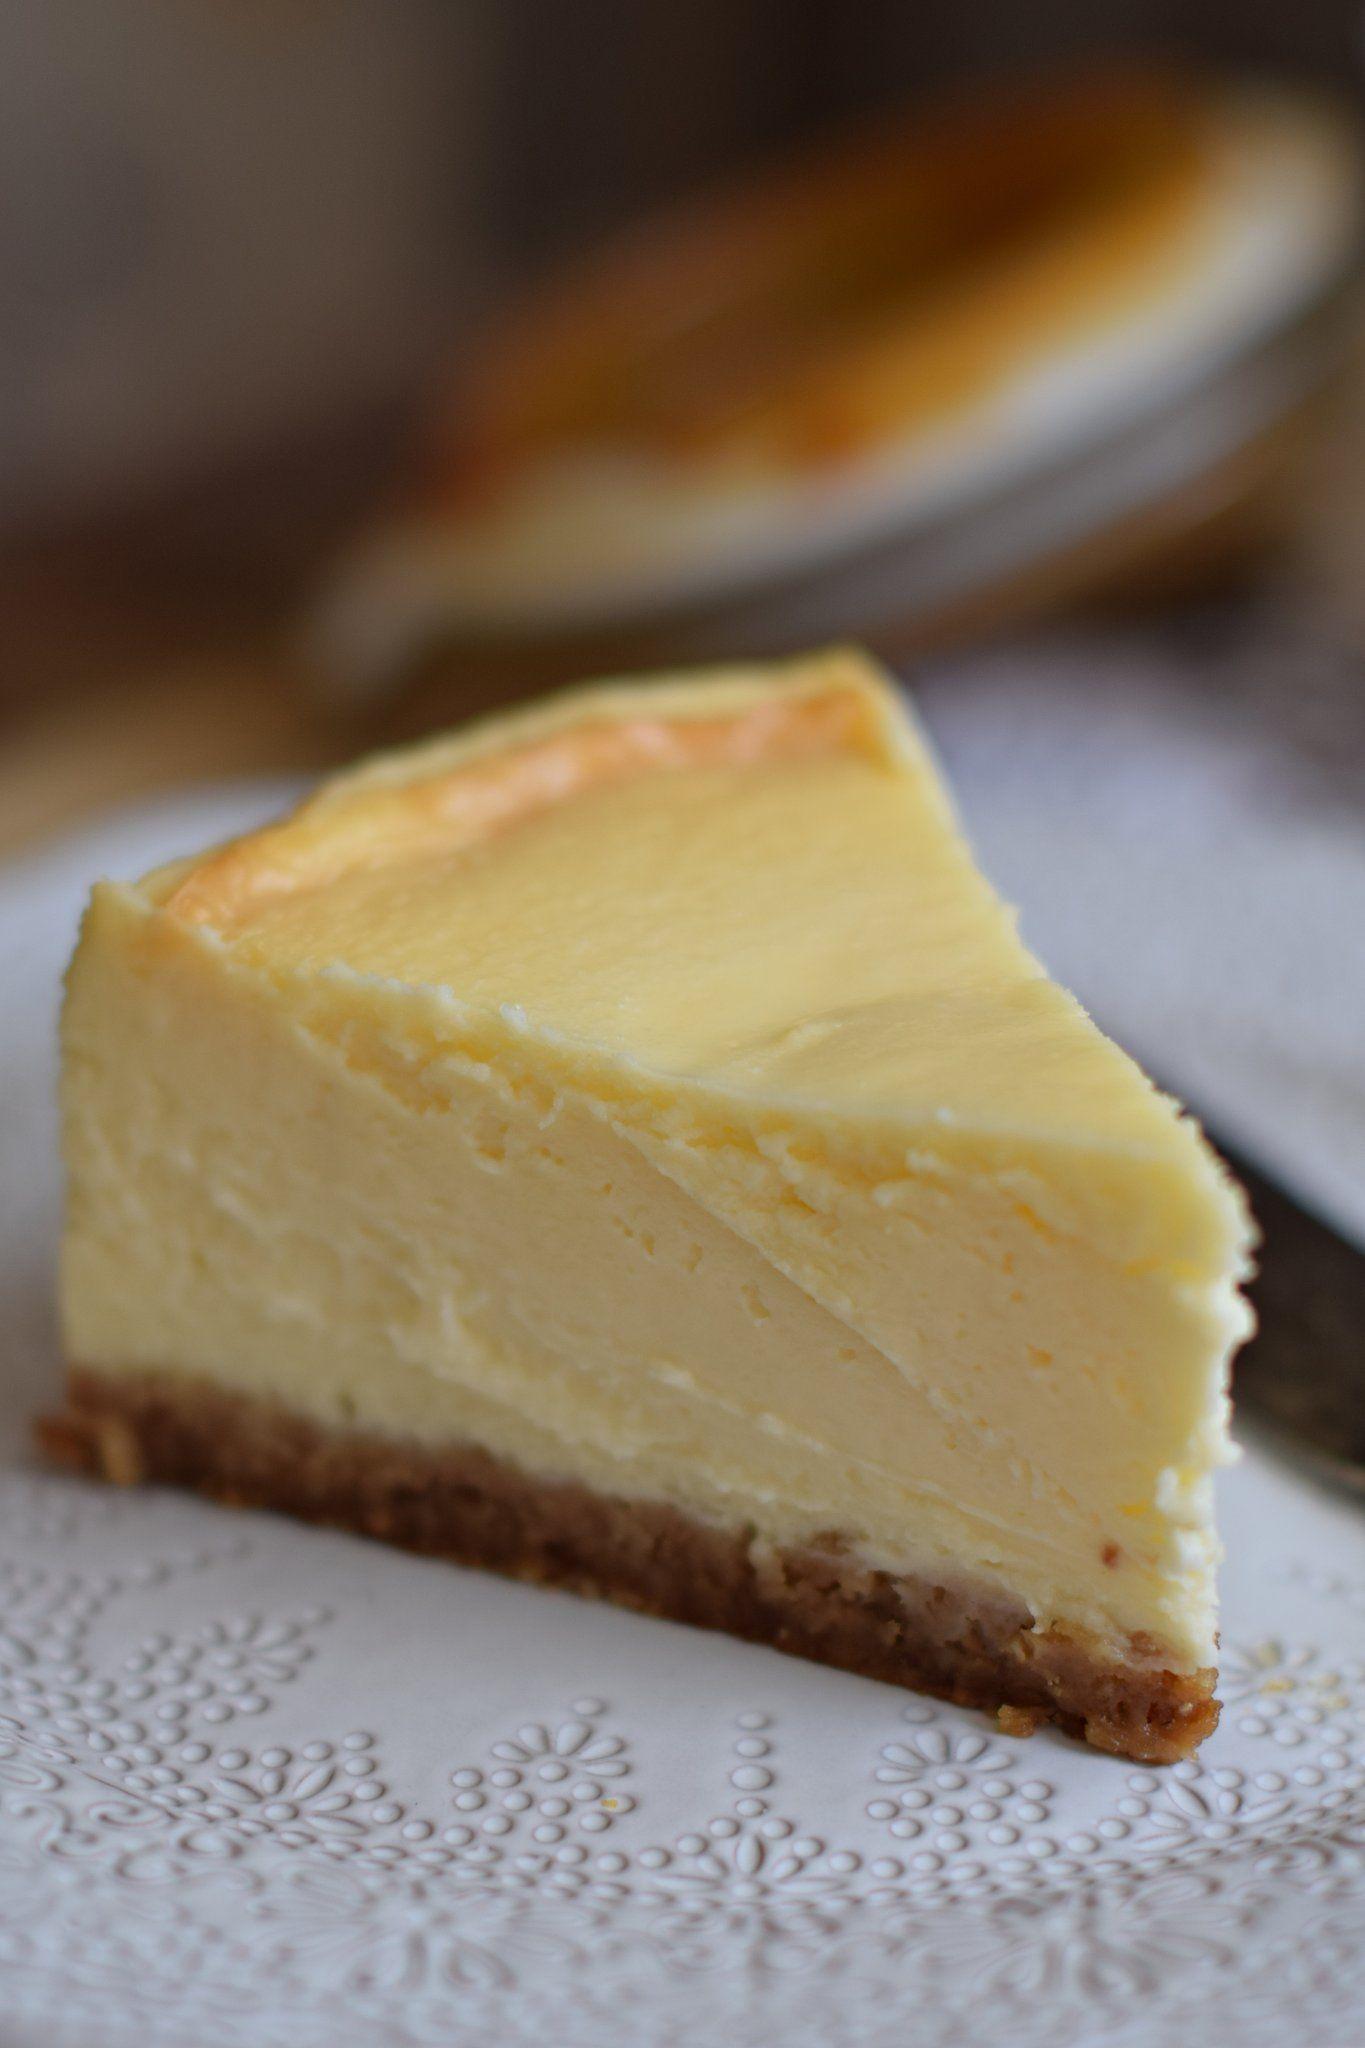 A legkrémesebb sajttorta bögrésen is part of Cheesecake - Csupa krém, szinte olvad a szájban, igazi sajtrobbanás, gyönyör a köbön! Egy malőr eredménye lett a tökéletes végeredmény, soha többé sajttortát